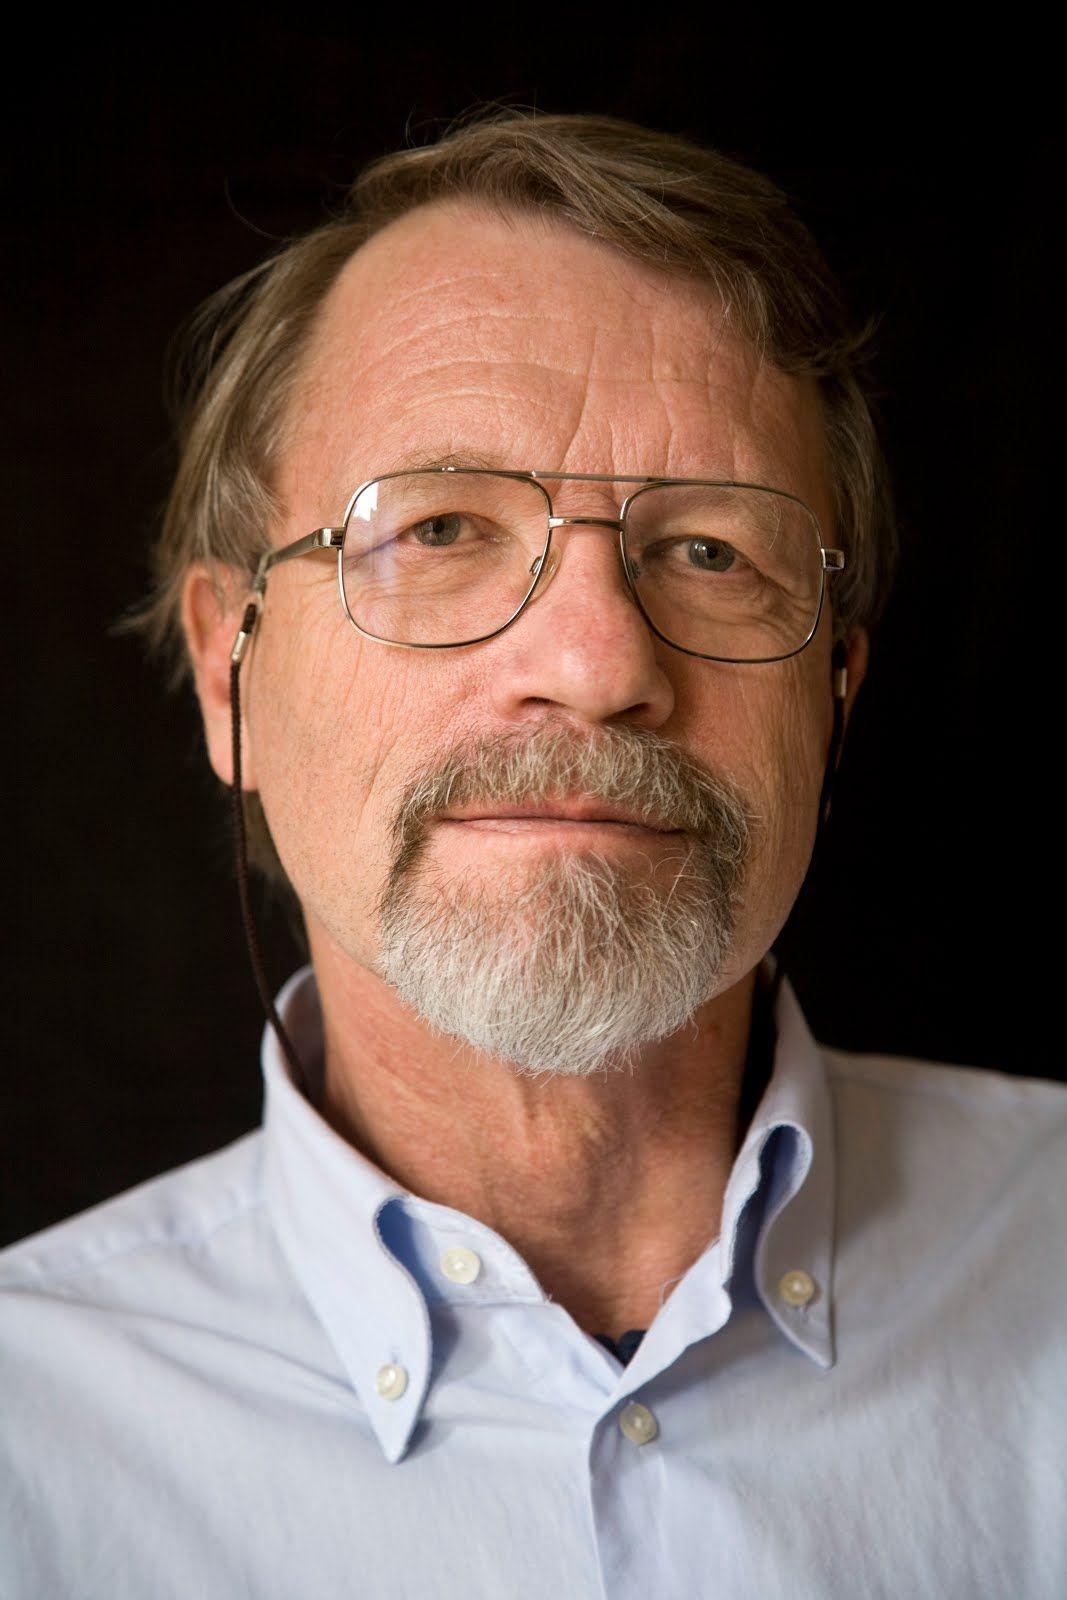 De Spanningsblog: Peter de Zwaan geeft voortan zelf uit (column, 2013)